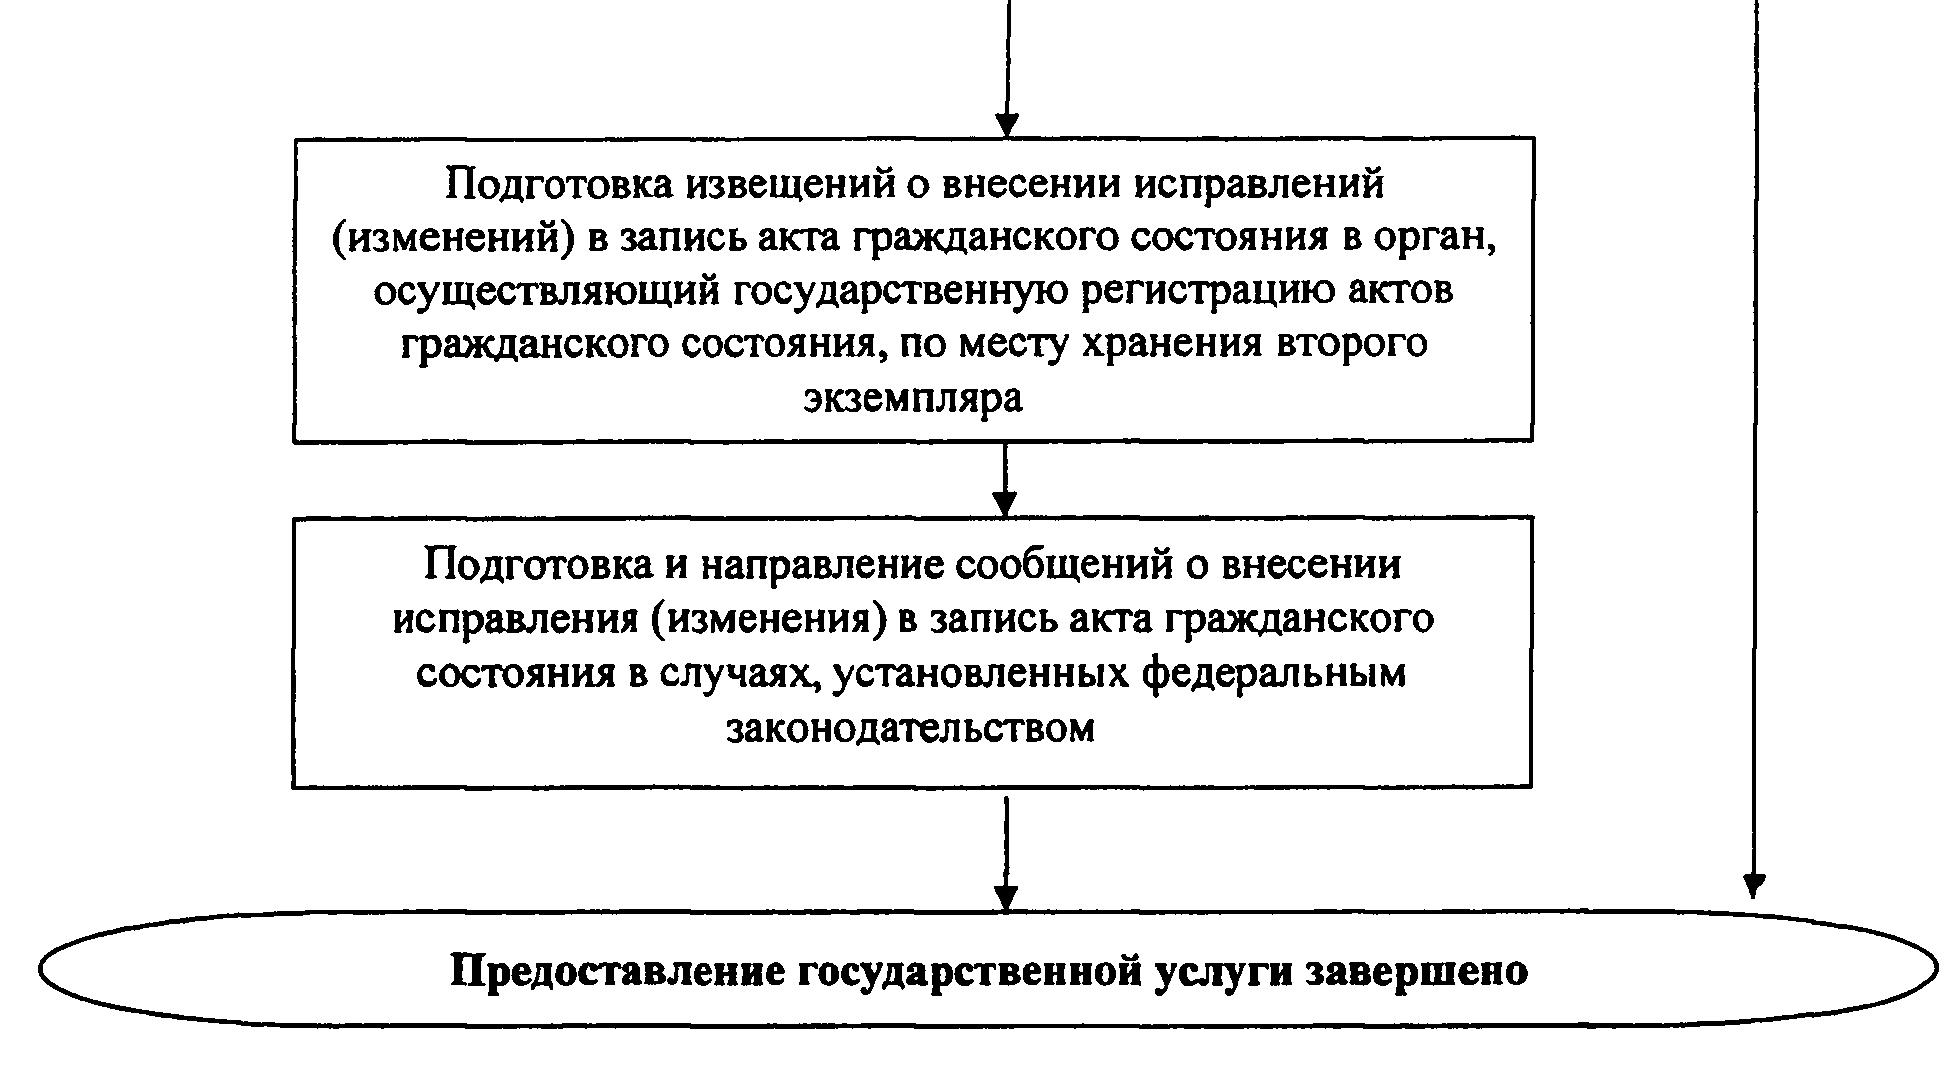 РИС. 21 К ПРИКАЗУ МИНЮСТА РФ ОТ 29.11.2011 N 412